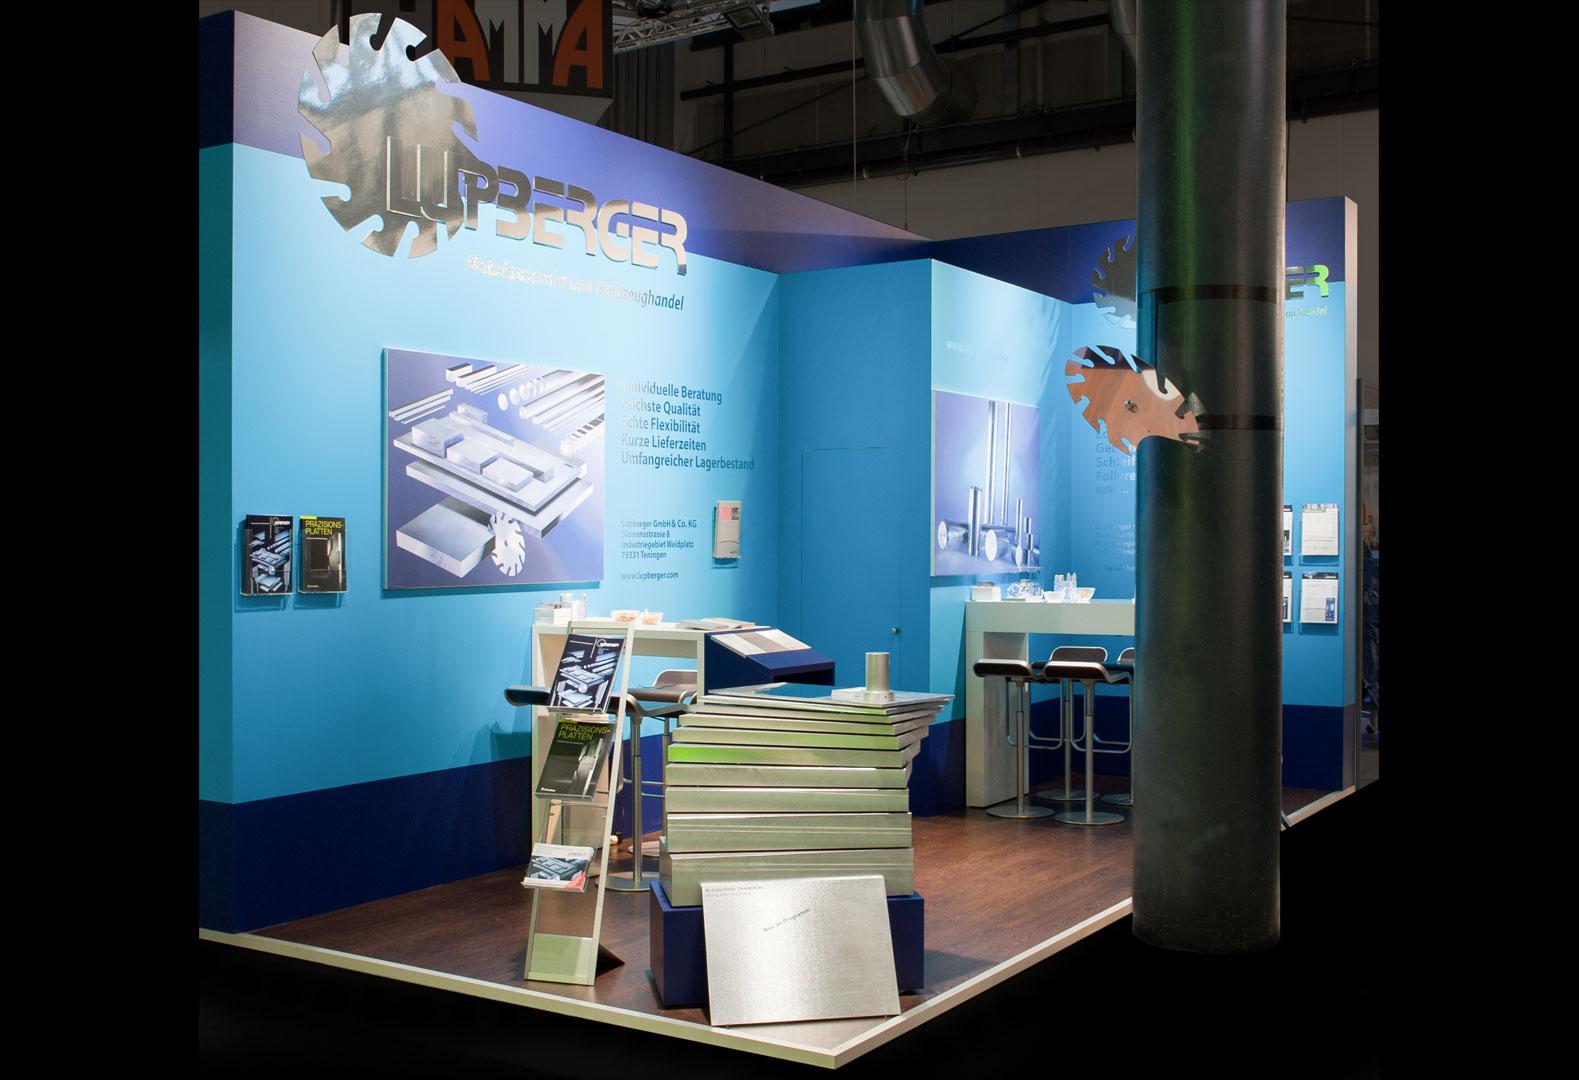 lupberger gmbh co kg i e freiburg 18 qm. Black Bedroom Furniture Sets. Home Design Ideas